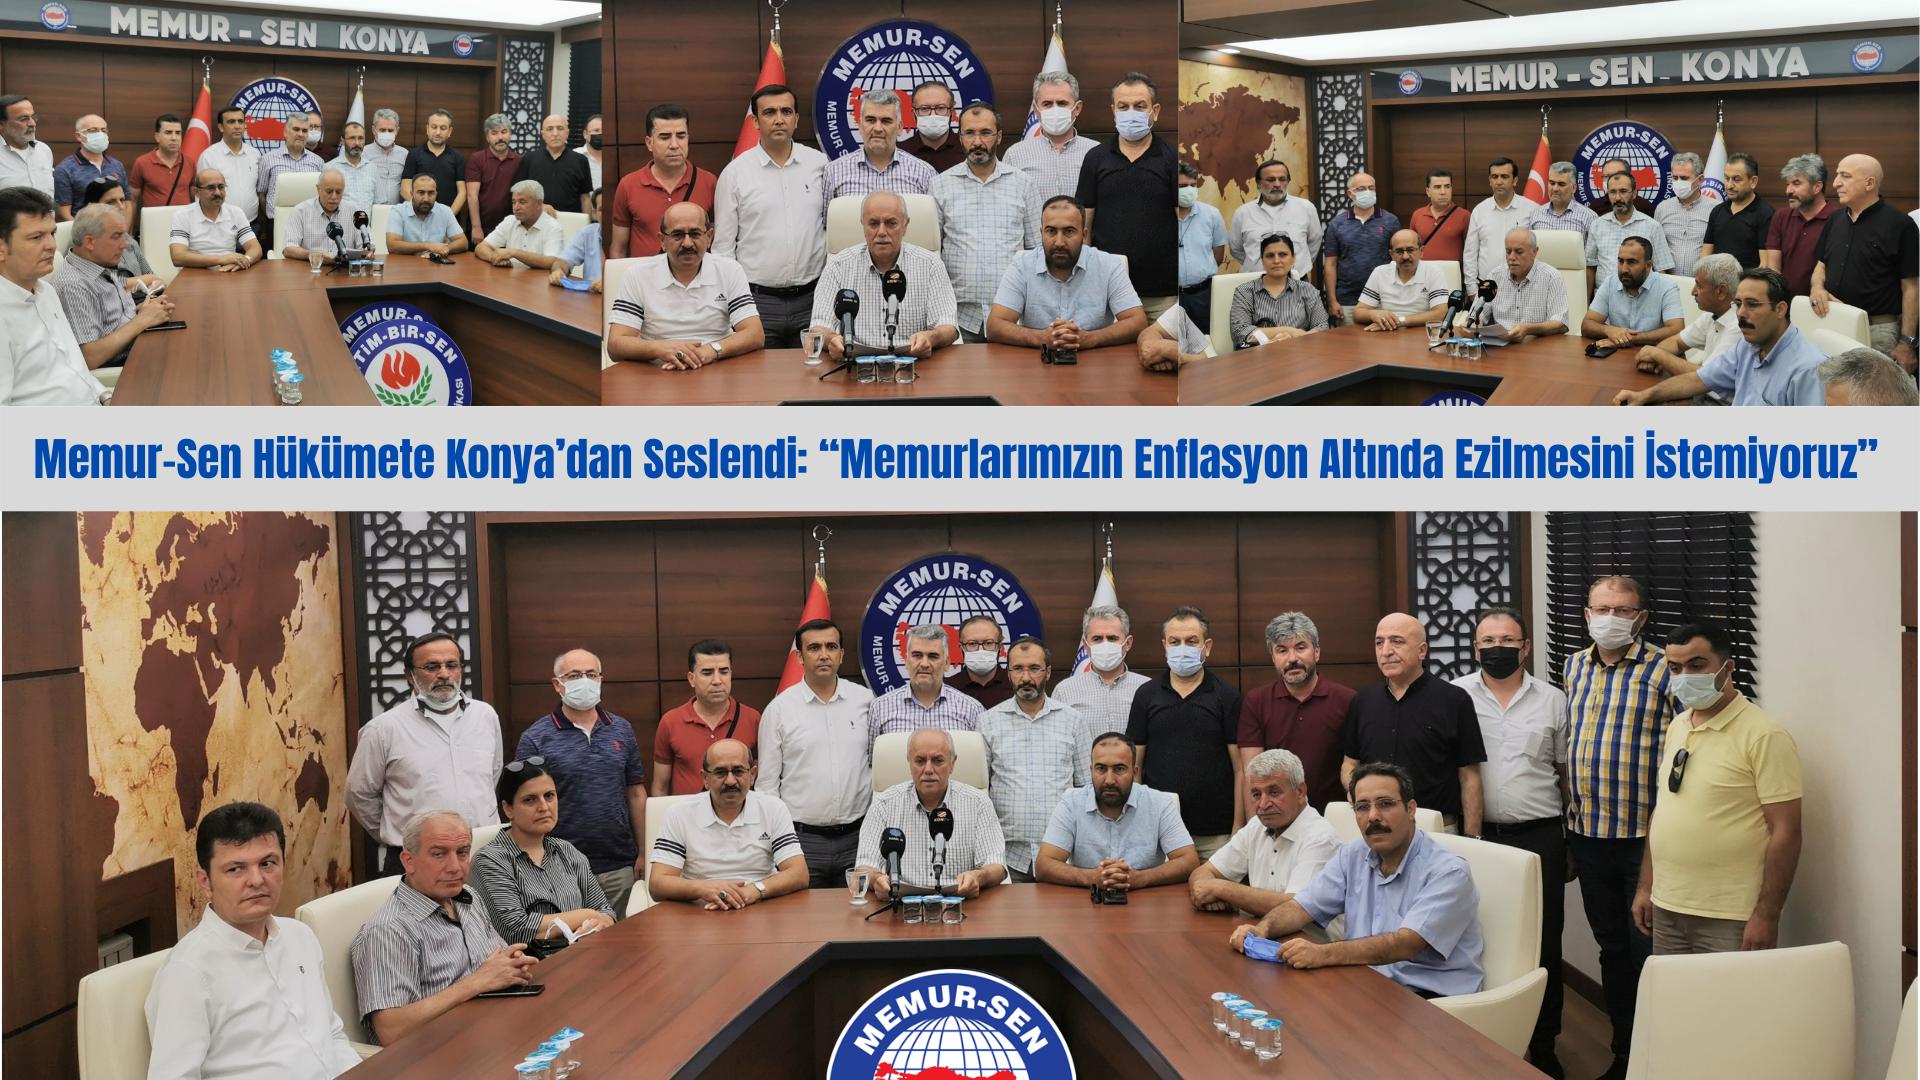 """Memur-Sen Hükümete Konya'dan Seslendi: """"Memurlarımızın Enflasyon Altında Ezilmesini İstemiyoruz"""""""